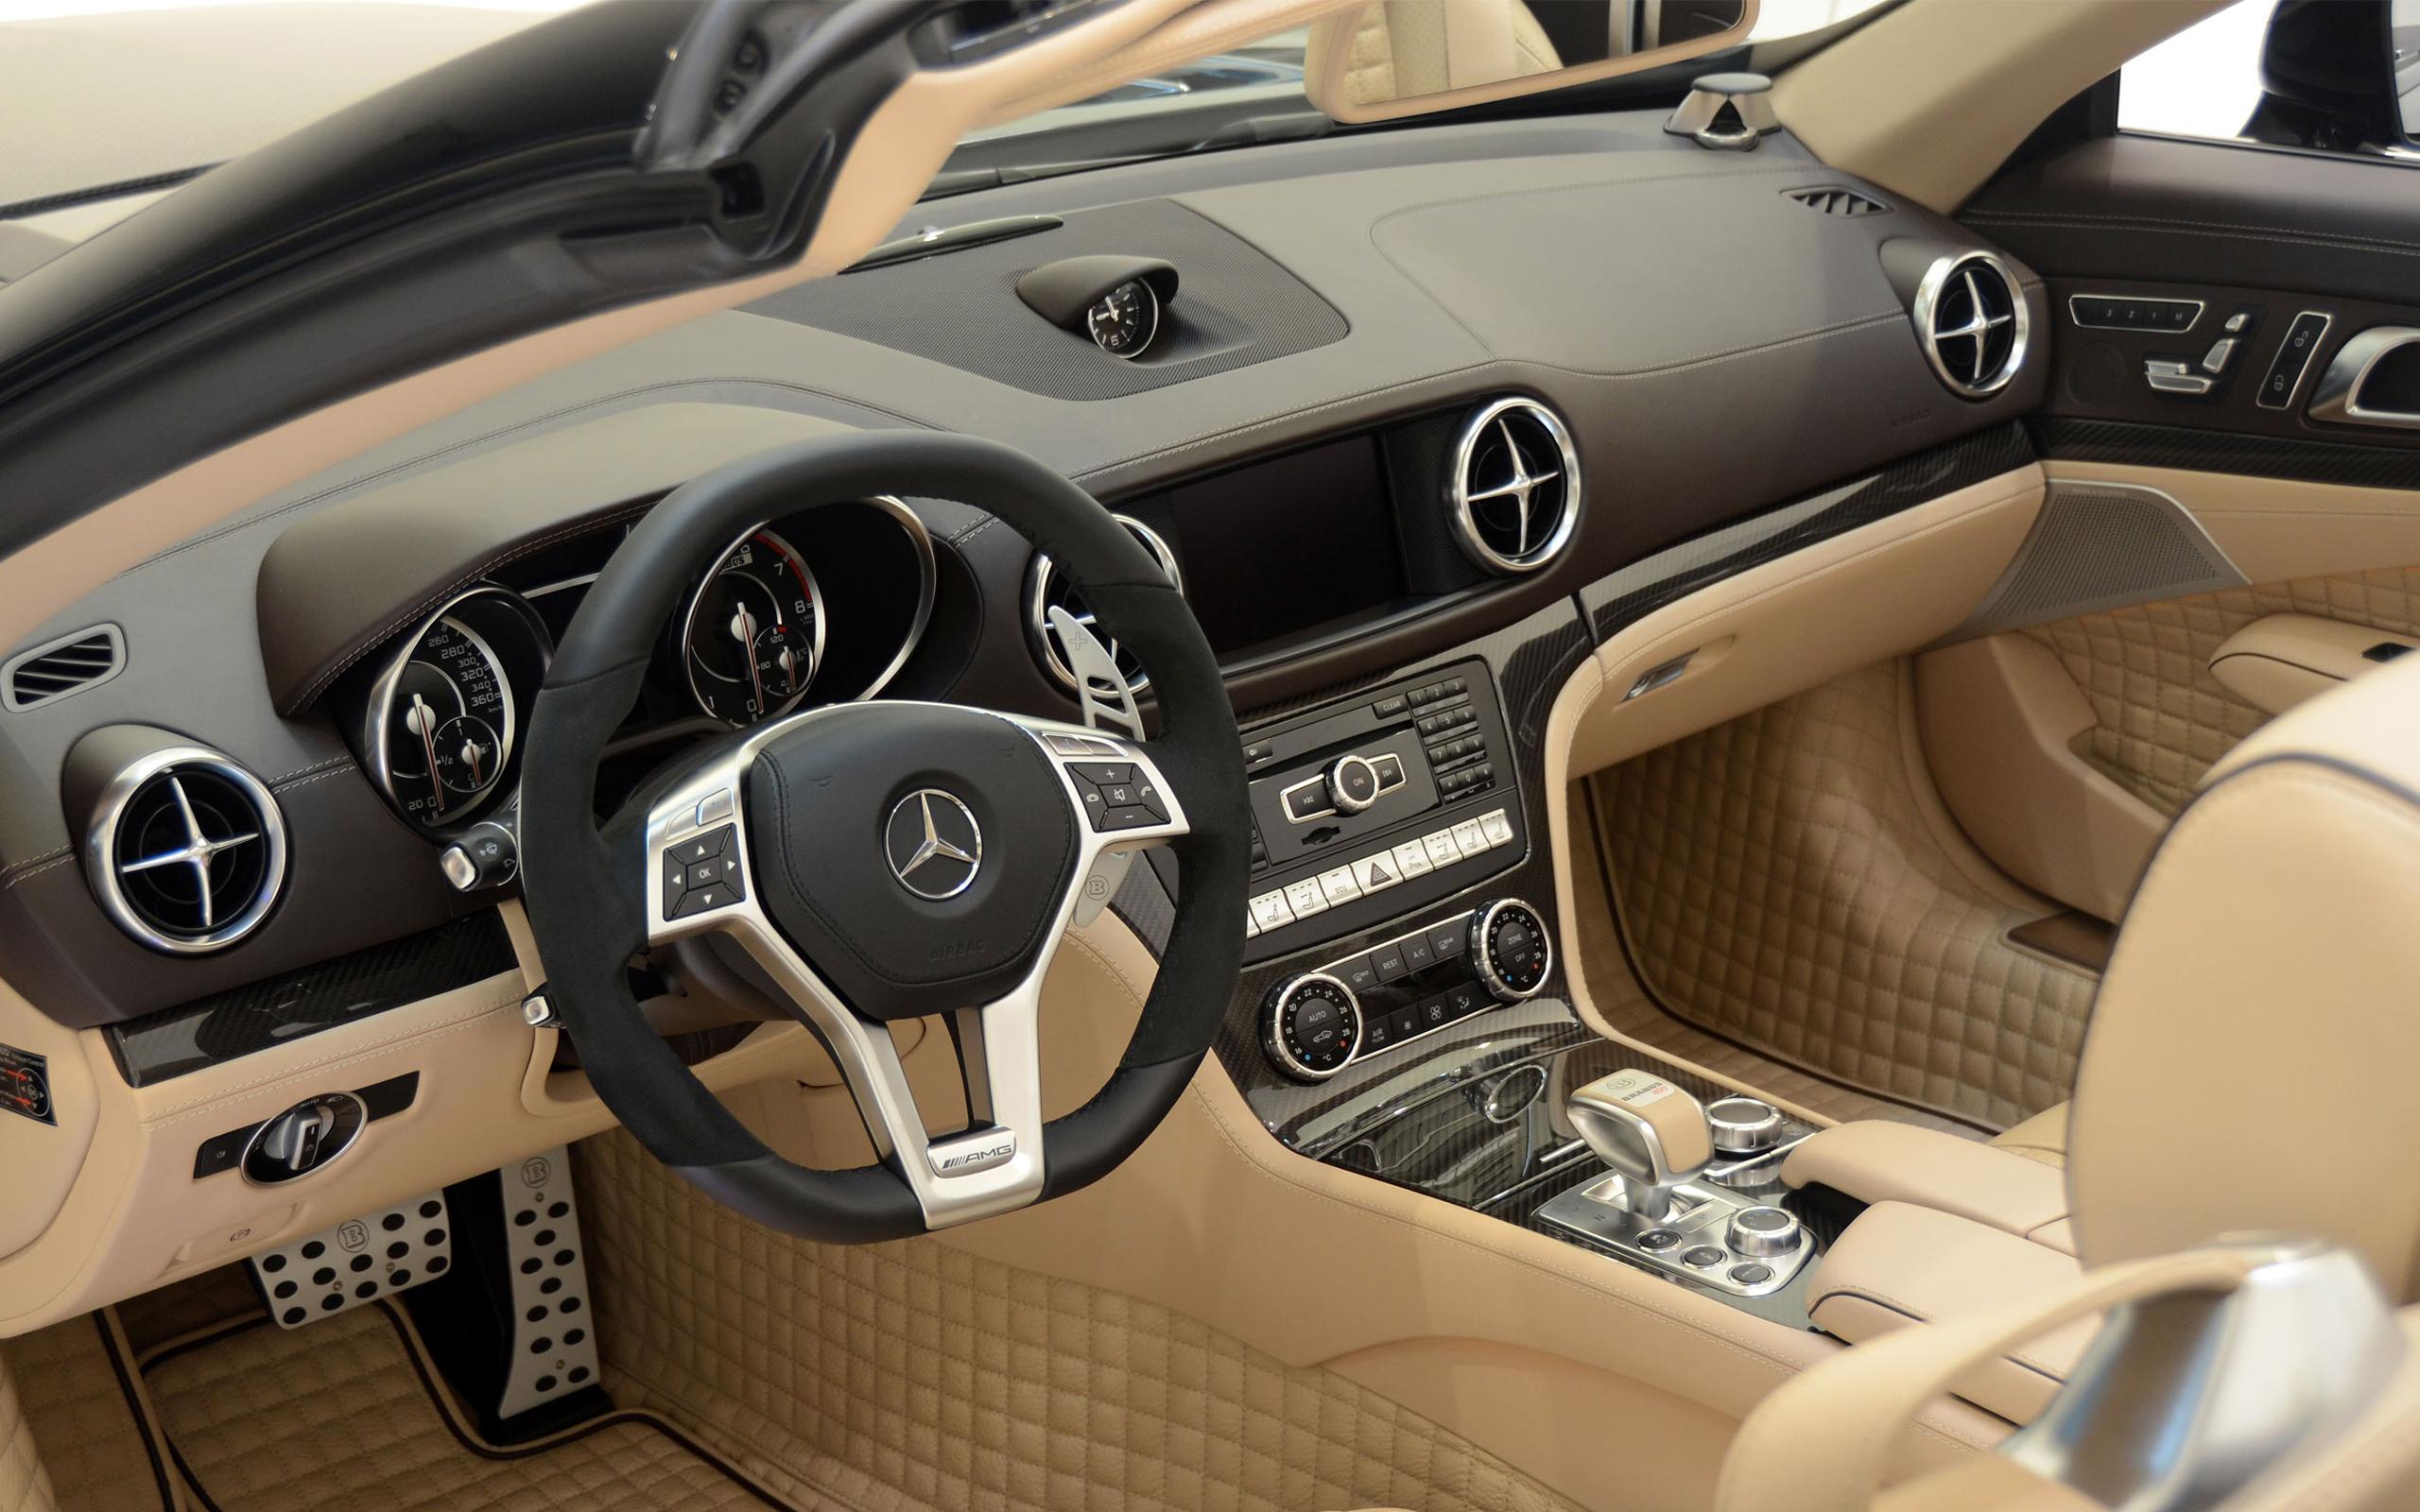 2013款Brabus奔驰SL65 AMG改装版800Brabus跑车桌面壁纸高清图片